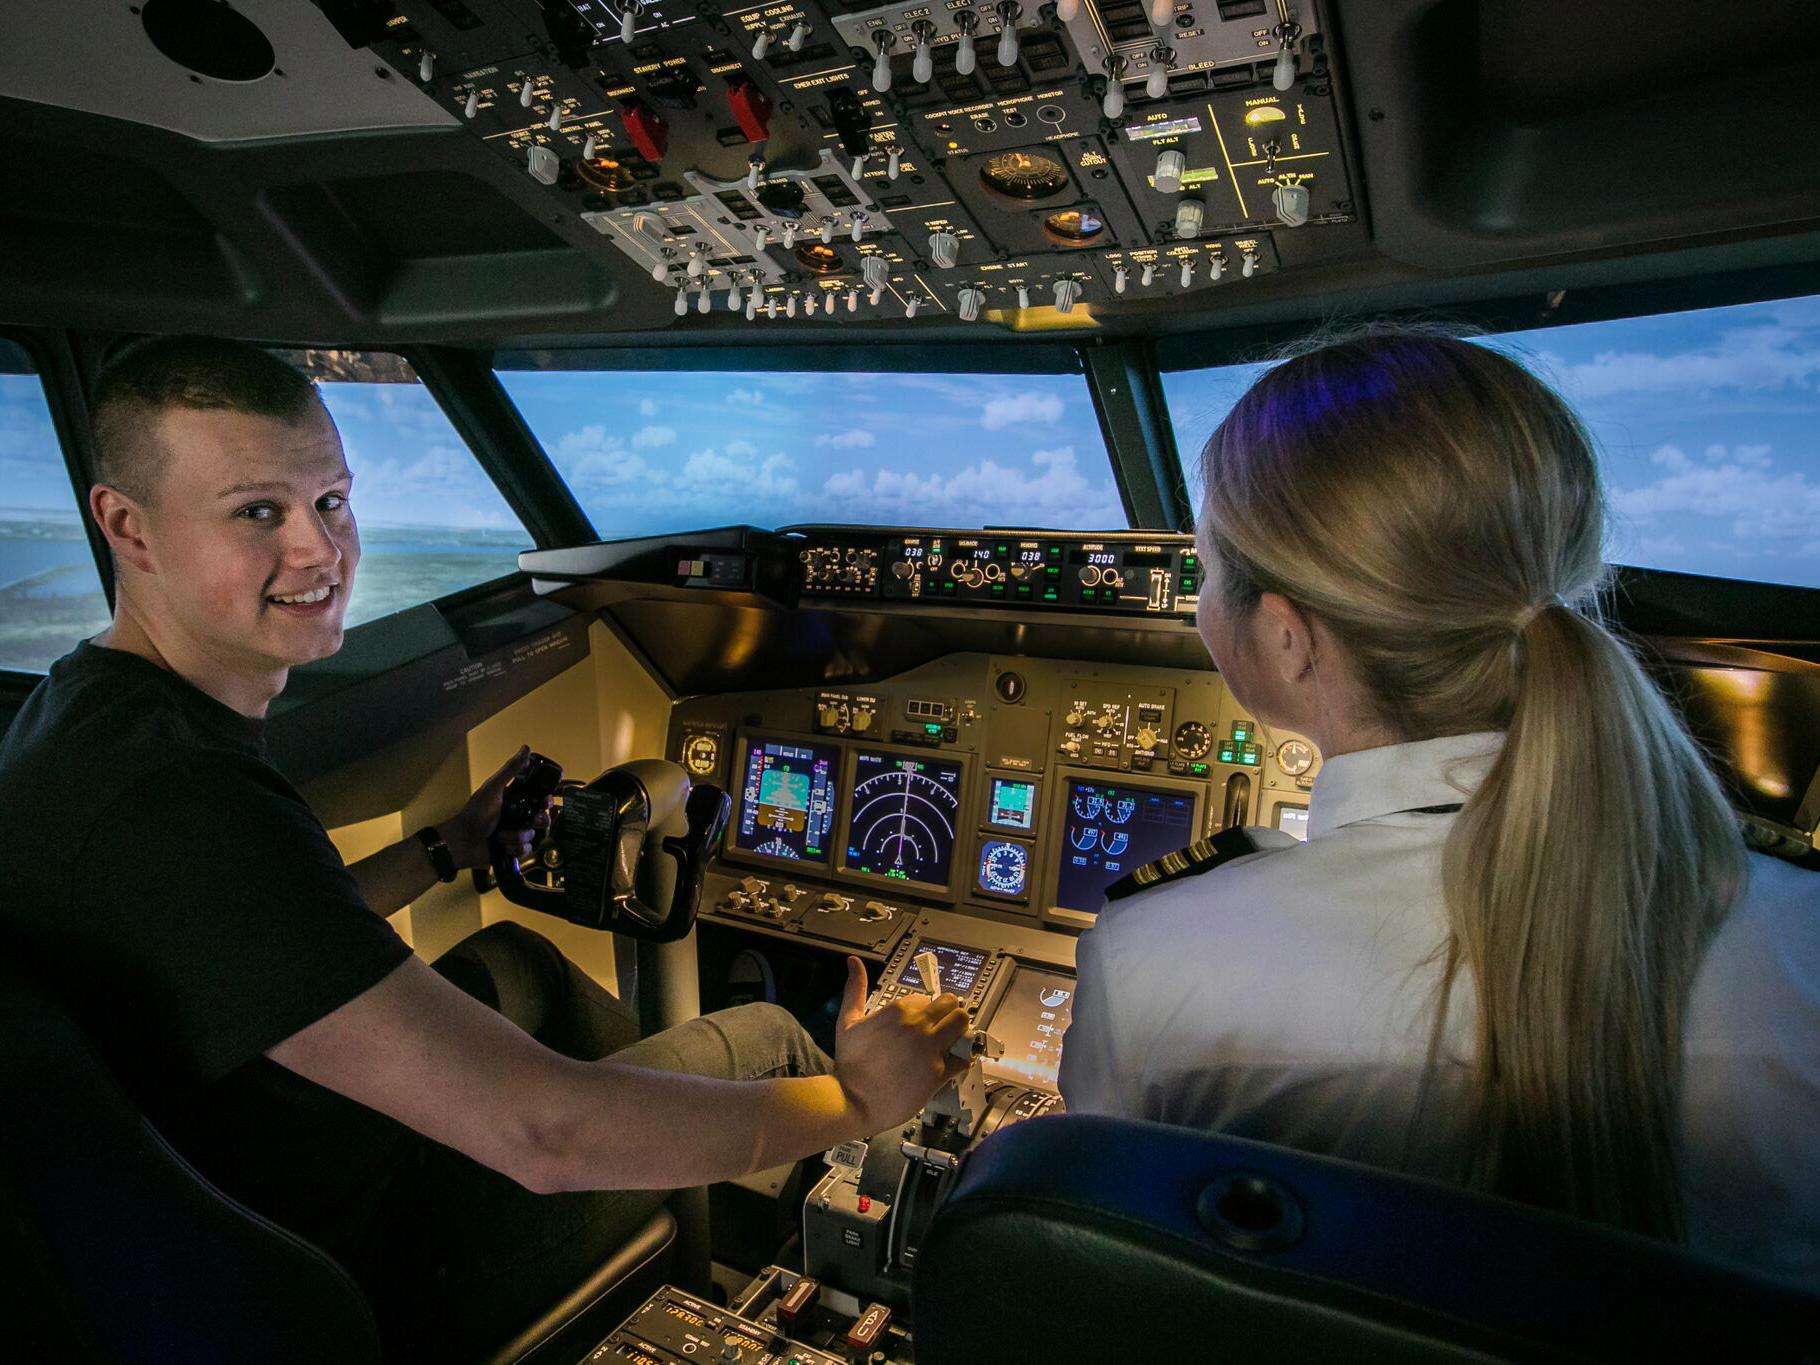 Interior of 737 flight simulator - Aviation Experience Flight Simulator